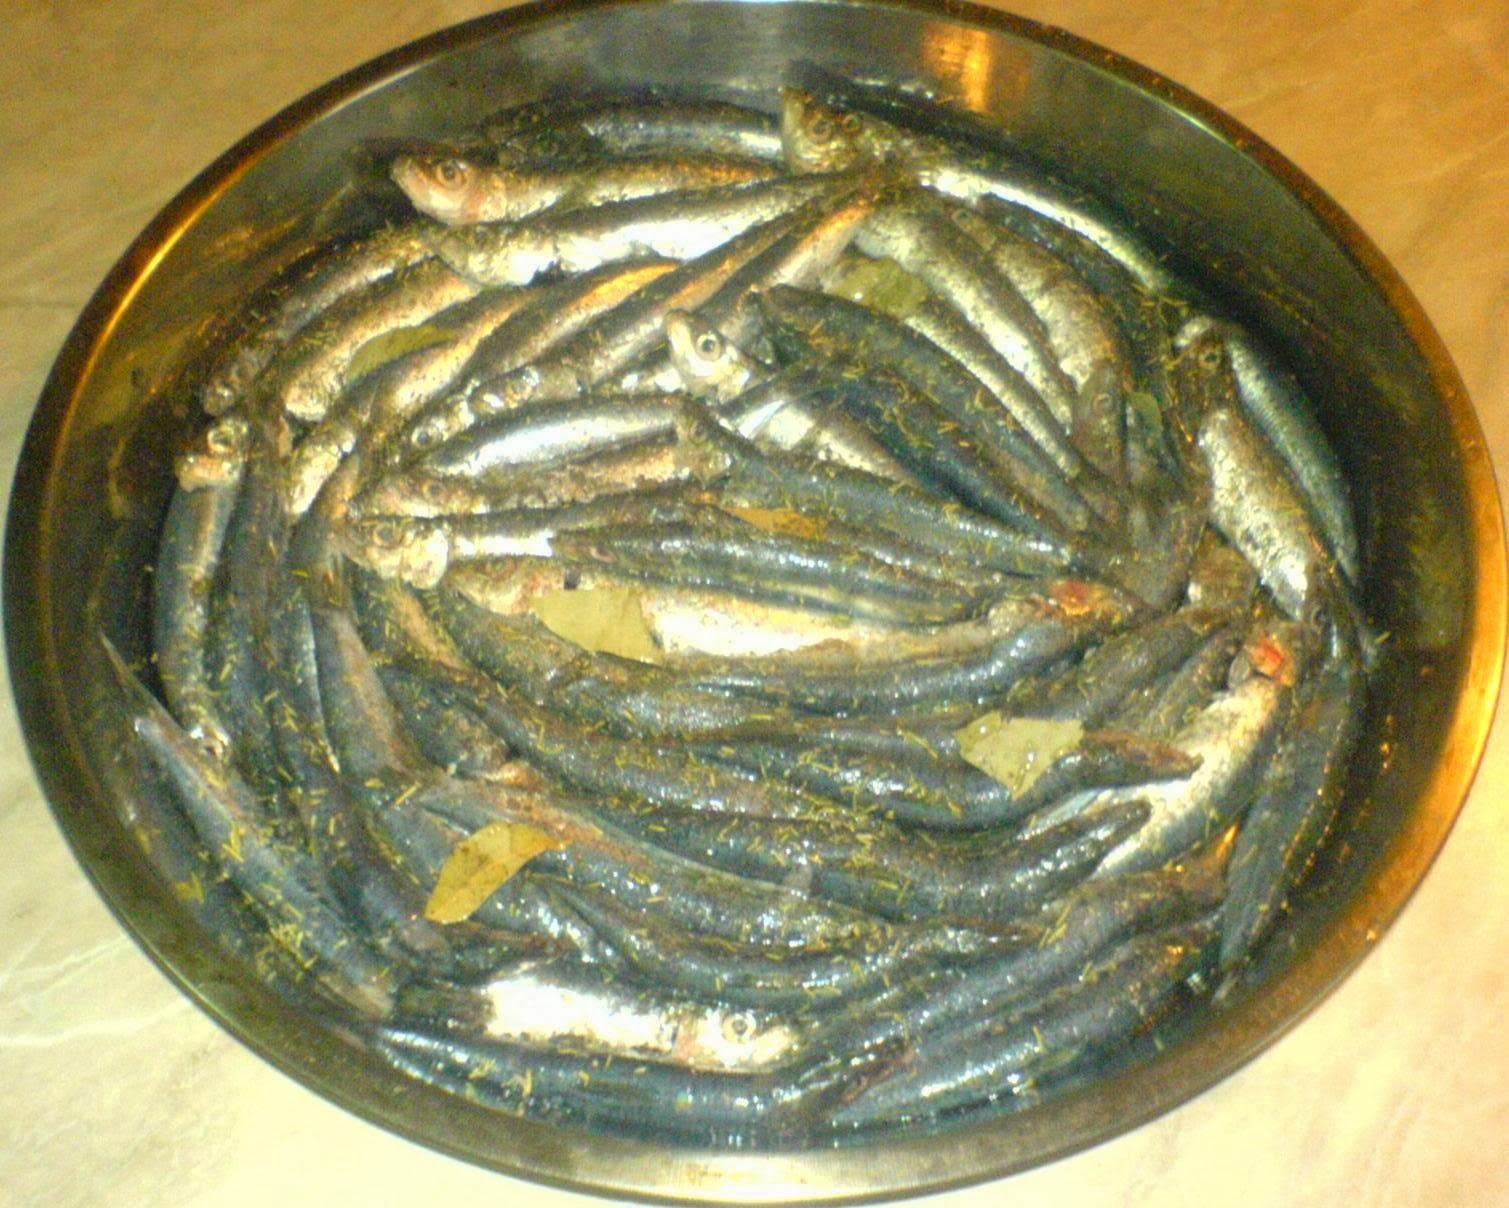 peste, sardina, retete de peste, preparate din peste, mancaruri cu peste, retete de mancare, retete culinare,